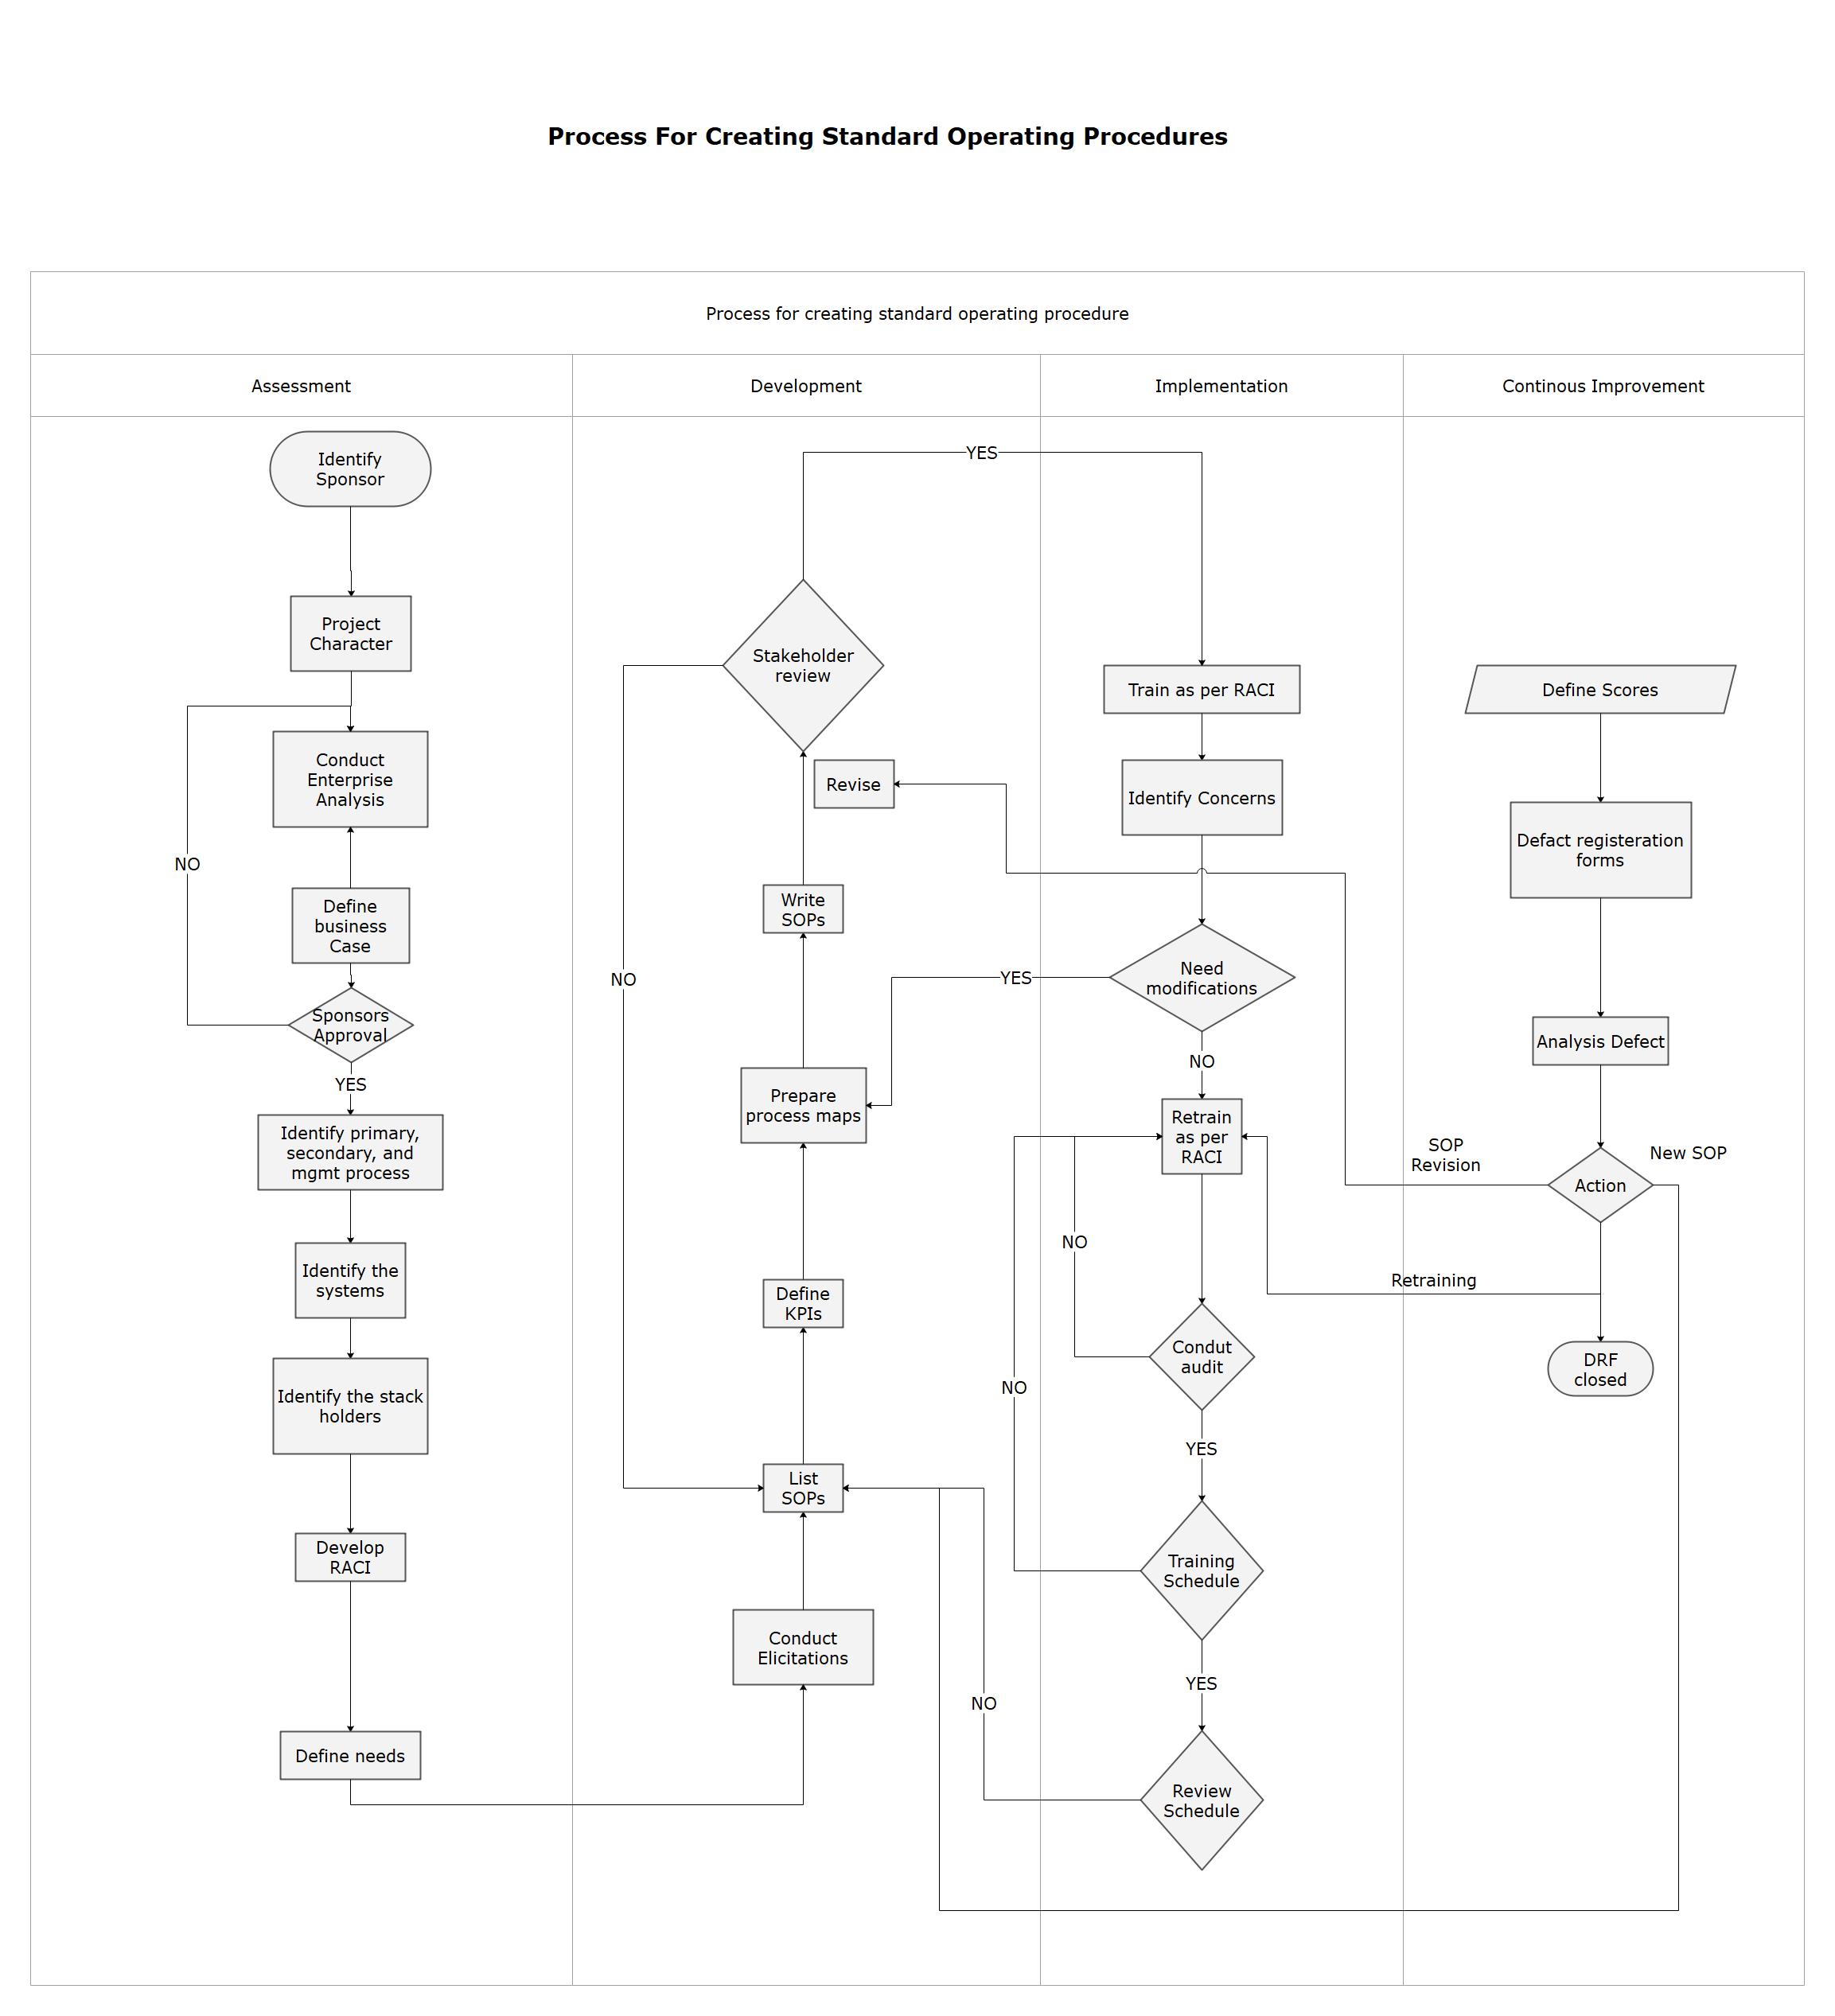 Proceso para crear procedimientos operativos estándar